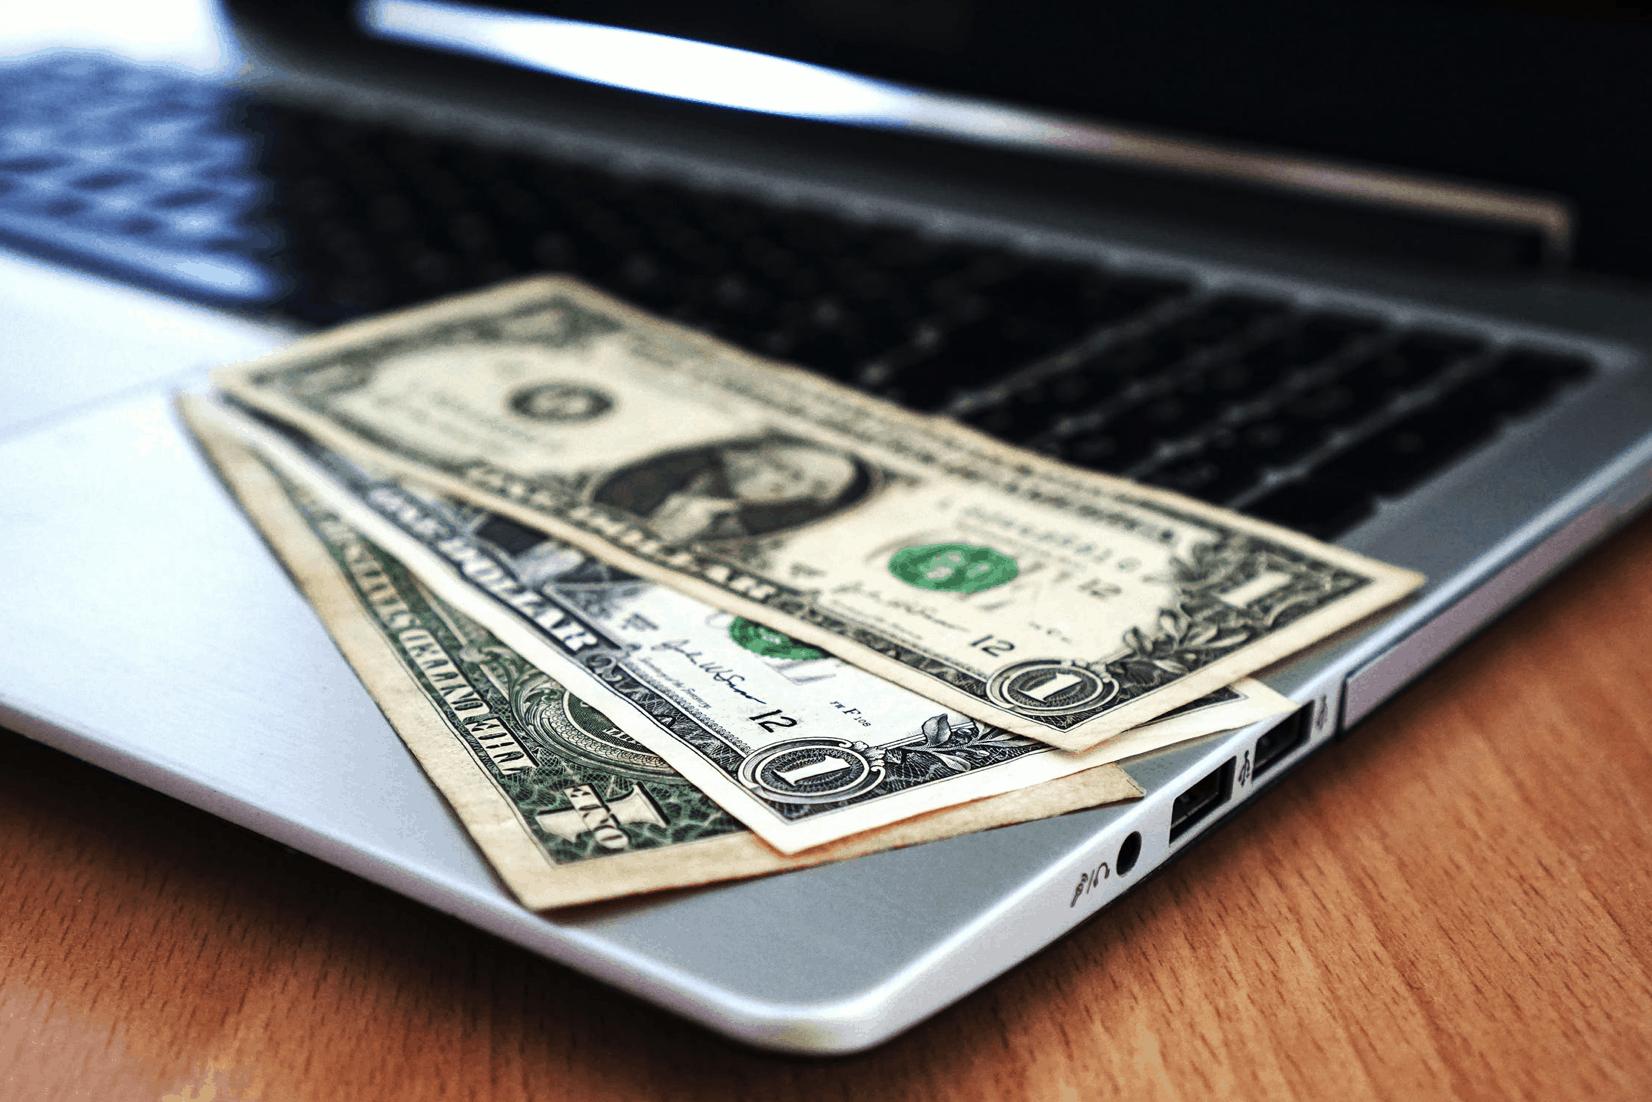 united states Money on laptop